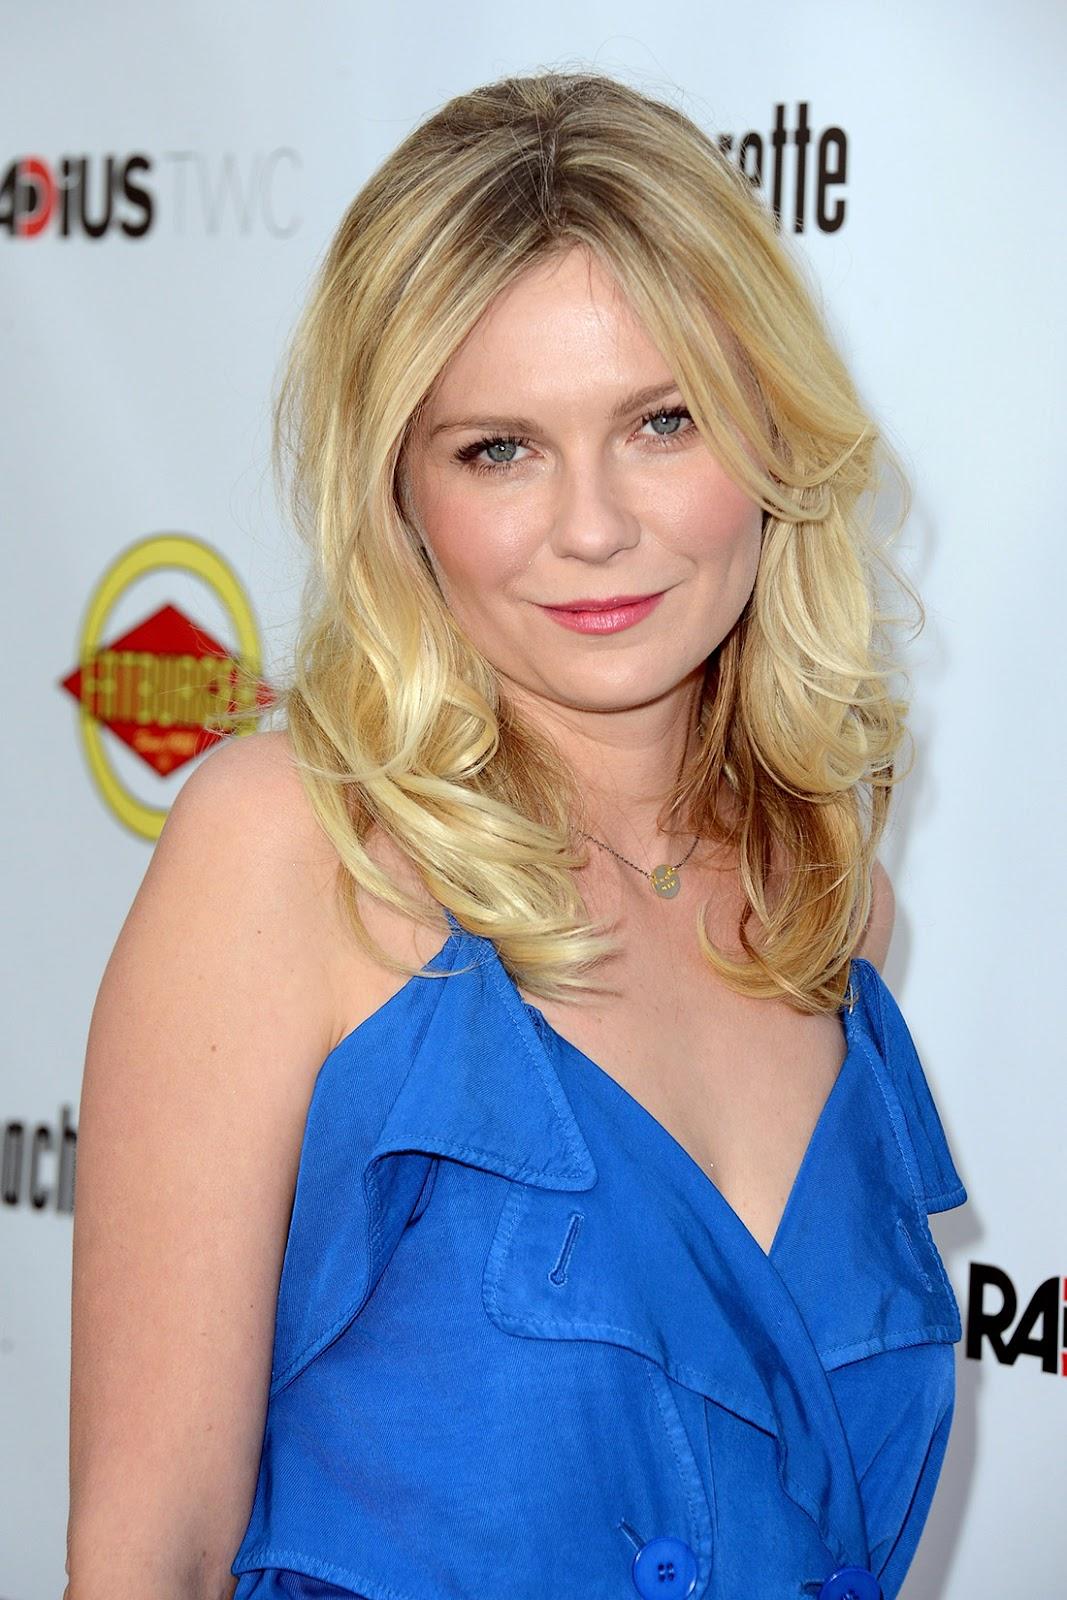 http://2.bp.blogspot.com/-OfVh4XA1LQE/UDhZ9swXkfI/AAAAAAAA5_c/lTmwcT4WRjQ/s1600/Kirsten_Dunst-Bachelorette-premiere-Hollywood-8-23-2012-001.jpg